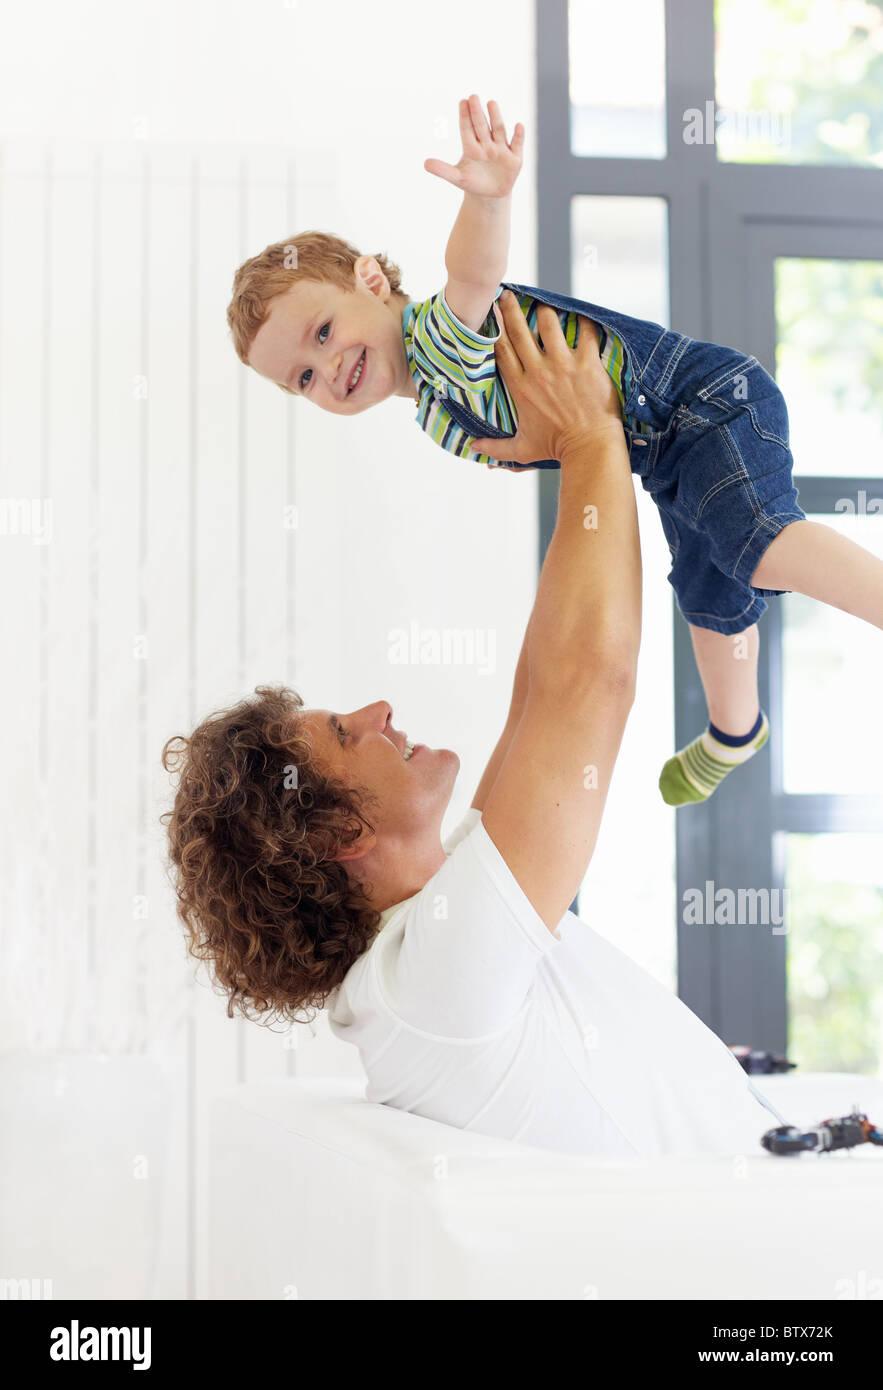 Uomo seduto sul divano e solleva il suo figlio Immagini Stock